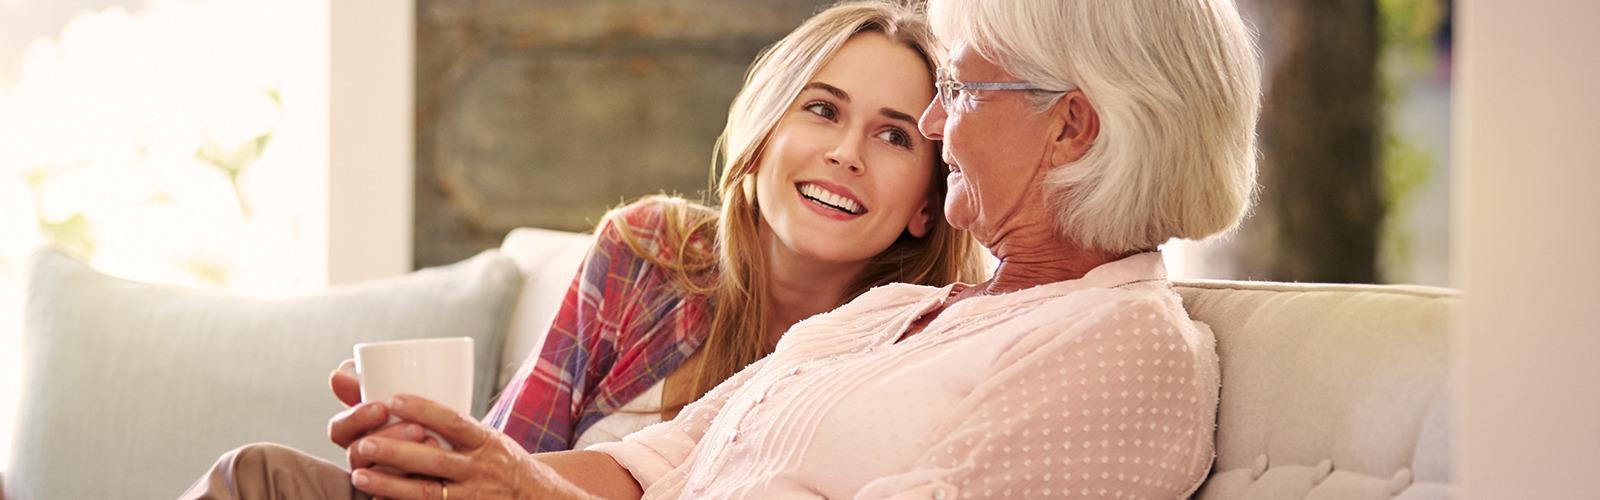 Mladá žena a starší muž si vychutnávají čaj – co byste měli udělat jako první